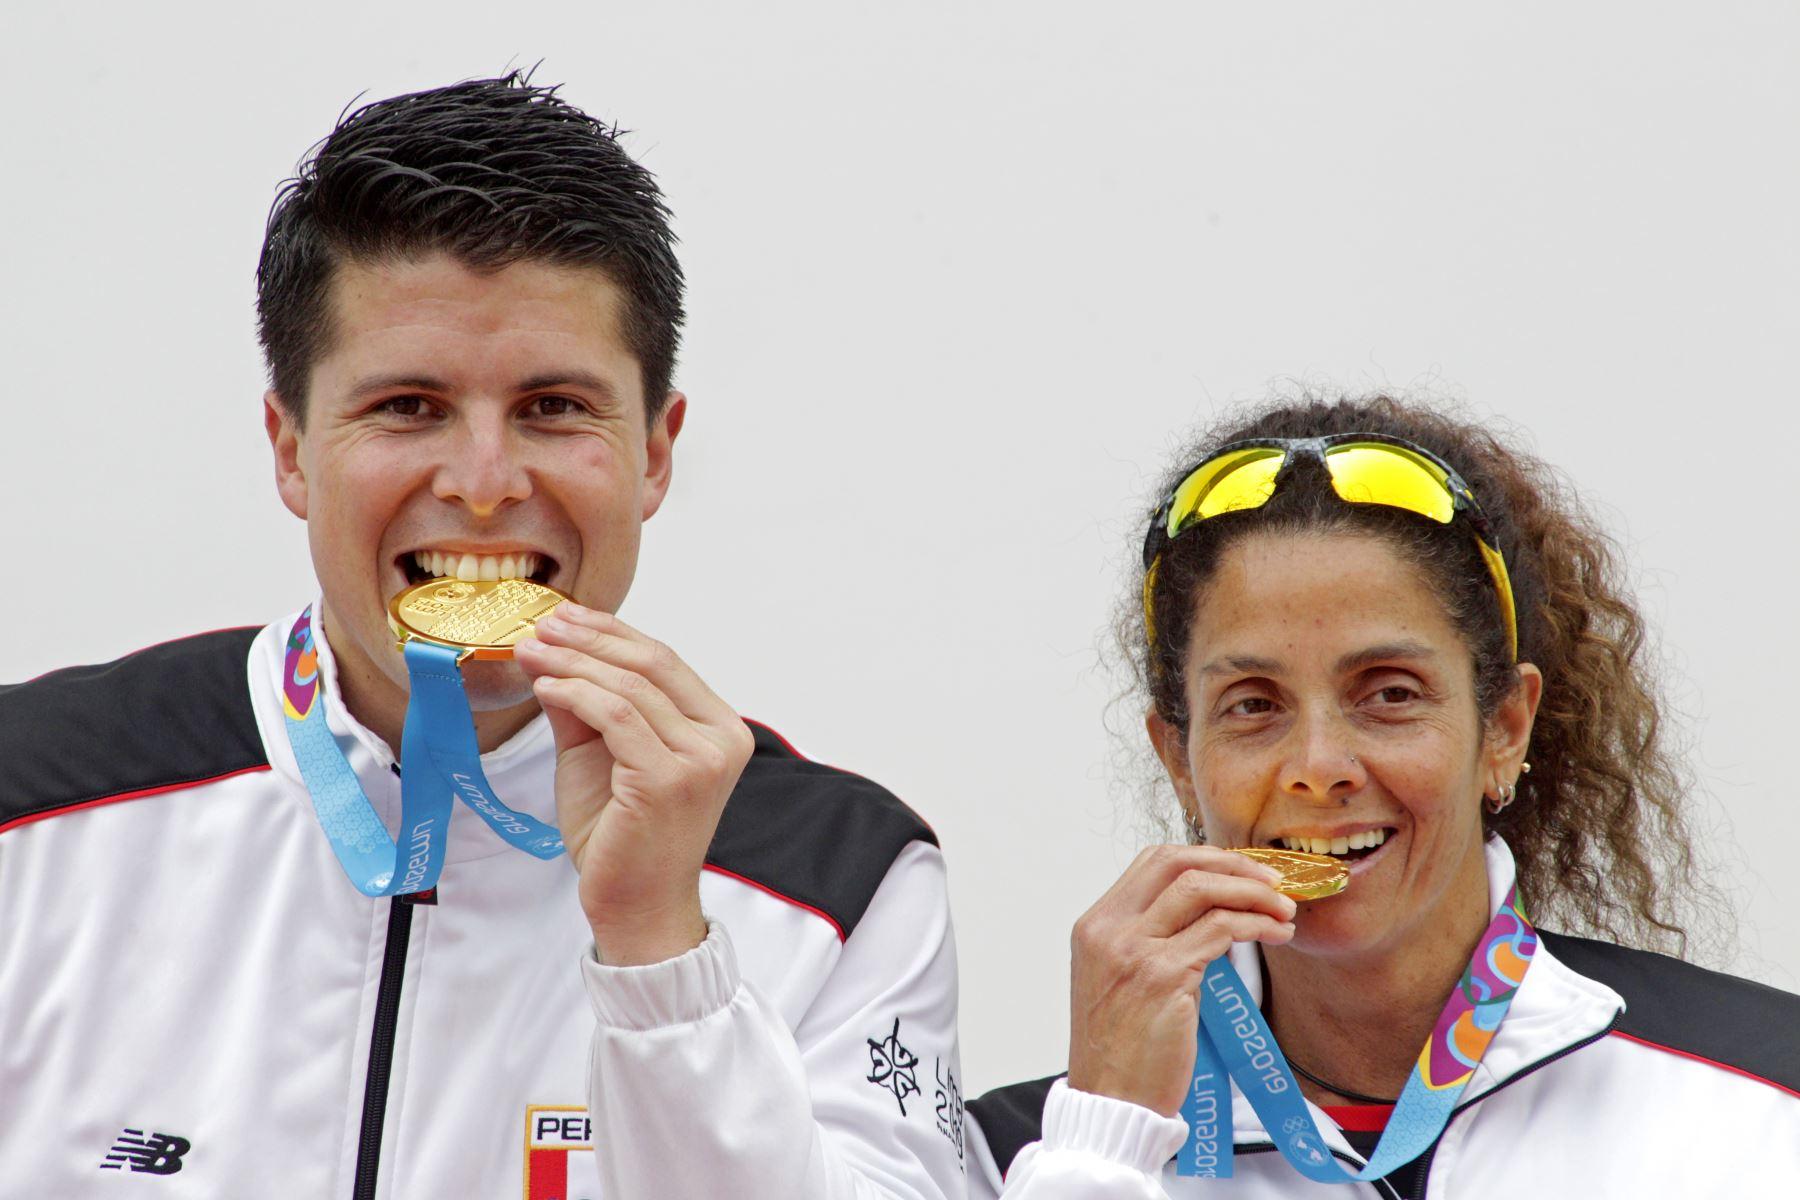 Claudia Suárez ganó la medalla de oro en frontón y con ello la delegación peruana suma nueve preseas doradas en los Juegos Panamericanos Lima 2019.Foto:ANDINA 2019